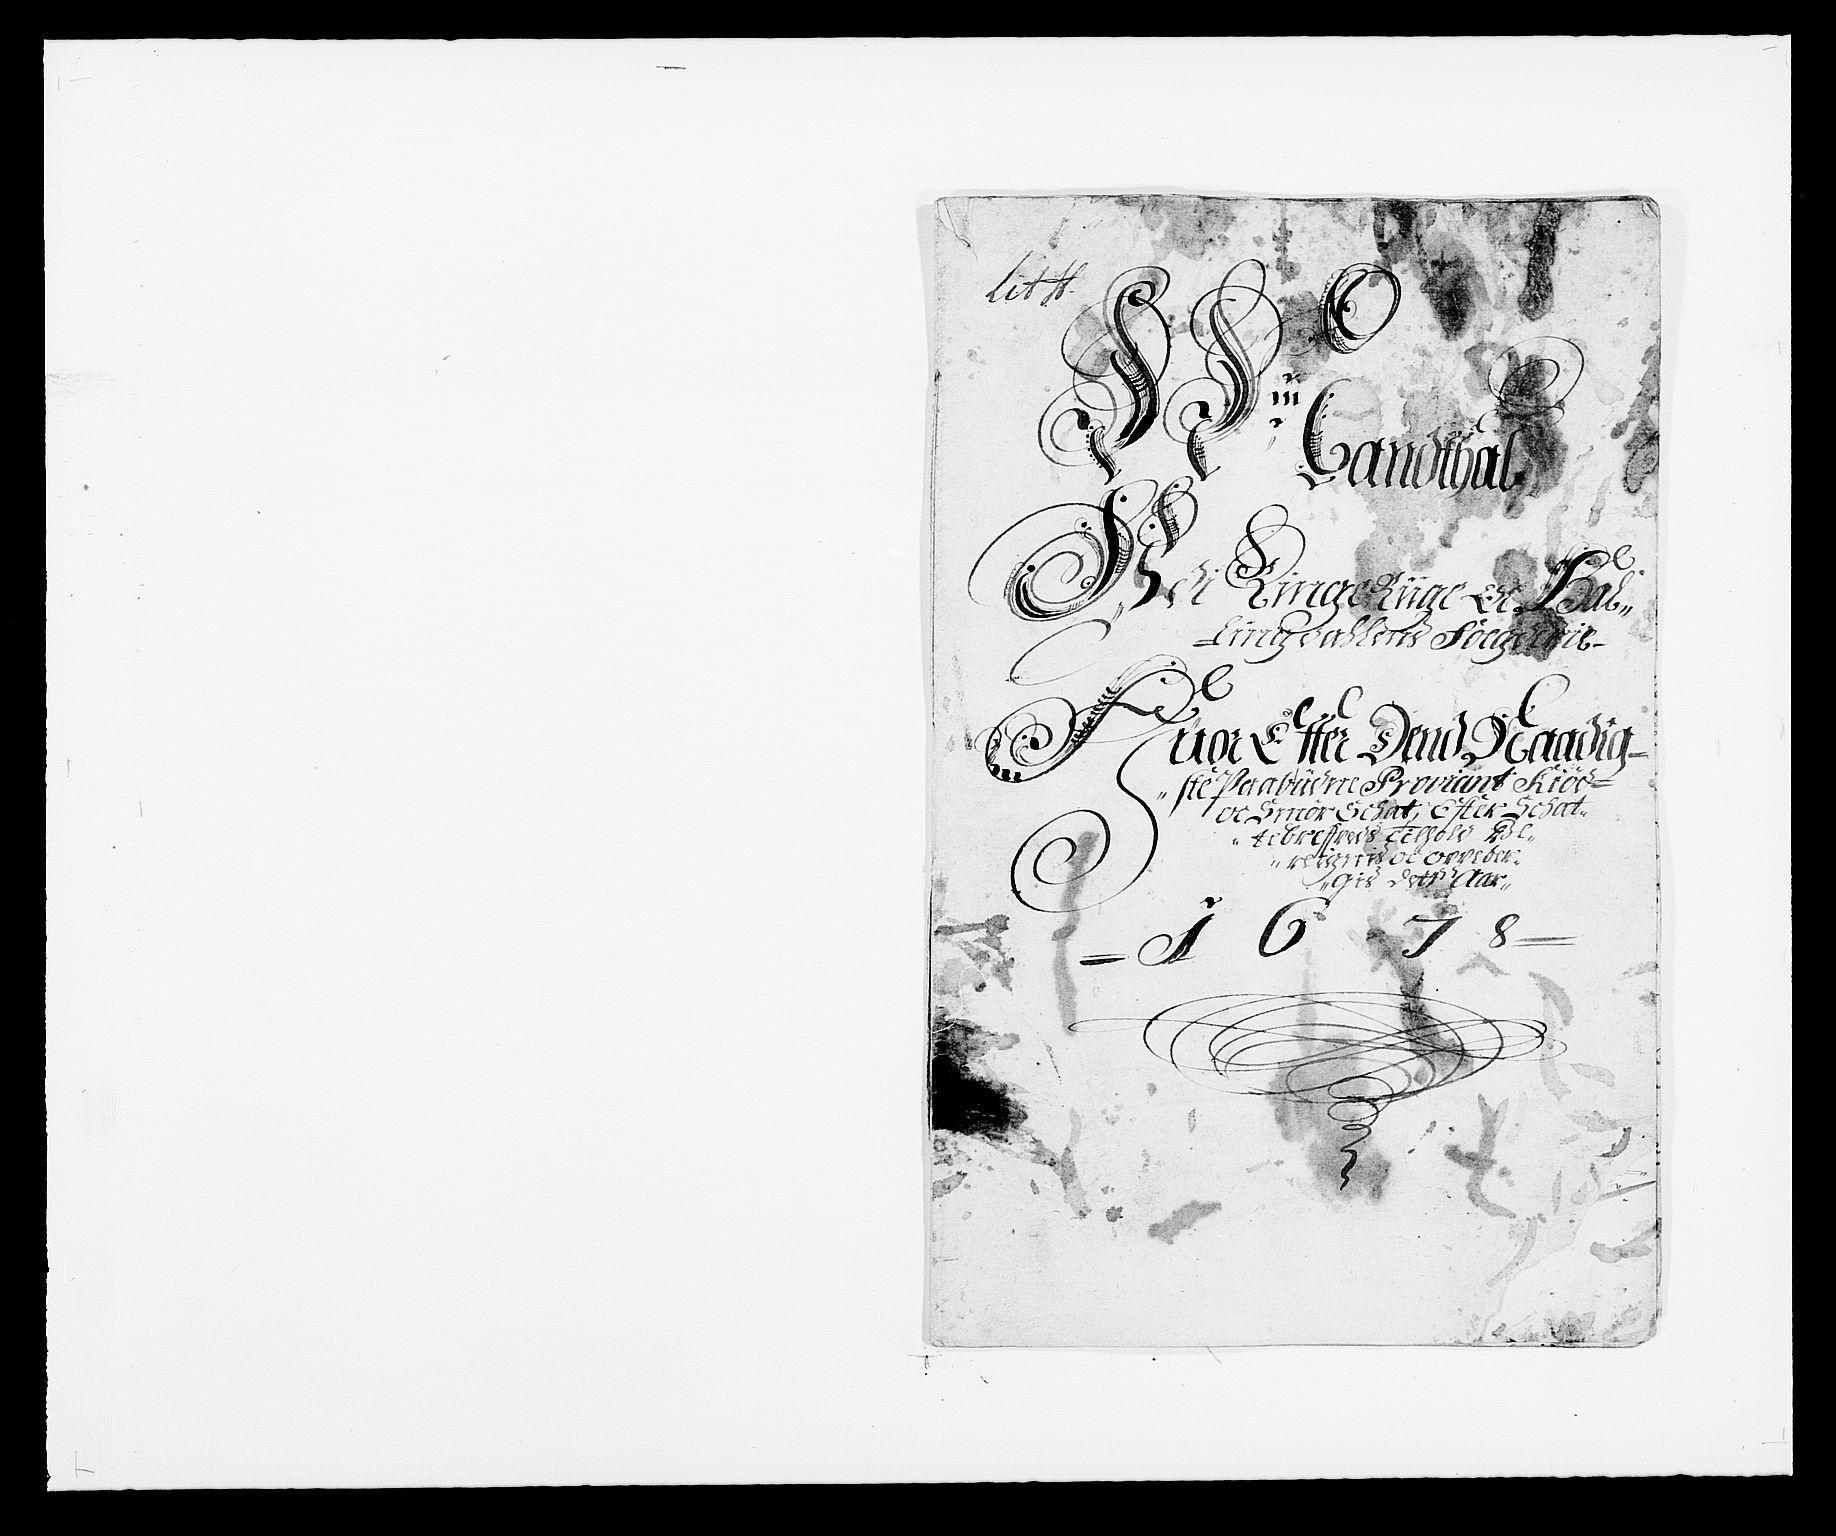 RA, Rentekammeret inntil 1814, Reviderte regnskaper, Fogderegnskap, R21/L1443: Fogderegnskap Ringerike og Hallingdal, 1678-1680, s. 127